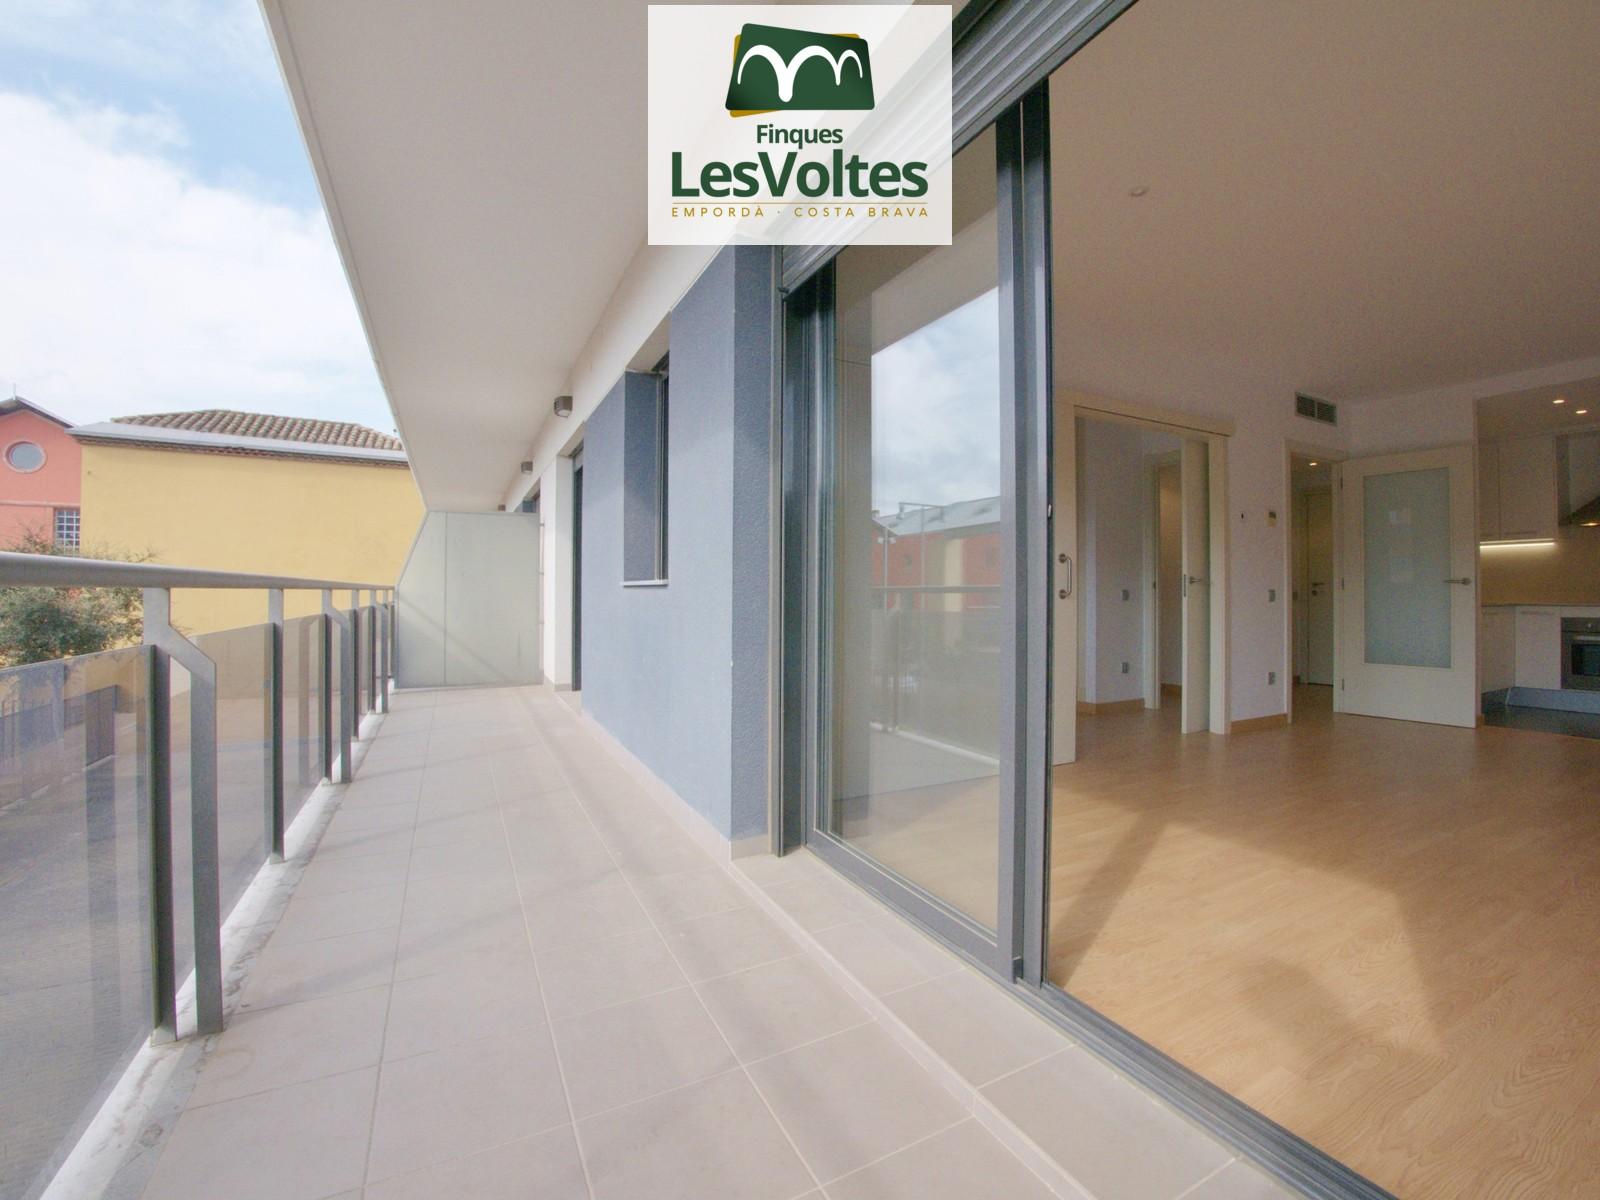 Pis semi nou amb plaça d'aparcament i terrassa en lloguer a Palafrugell. Situat al centre de Palafrugell.